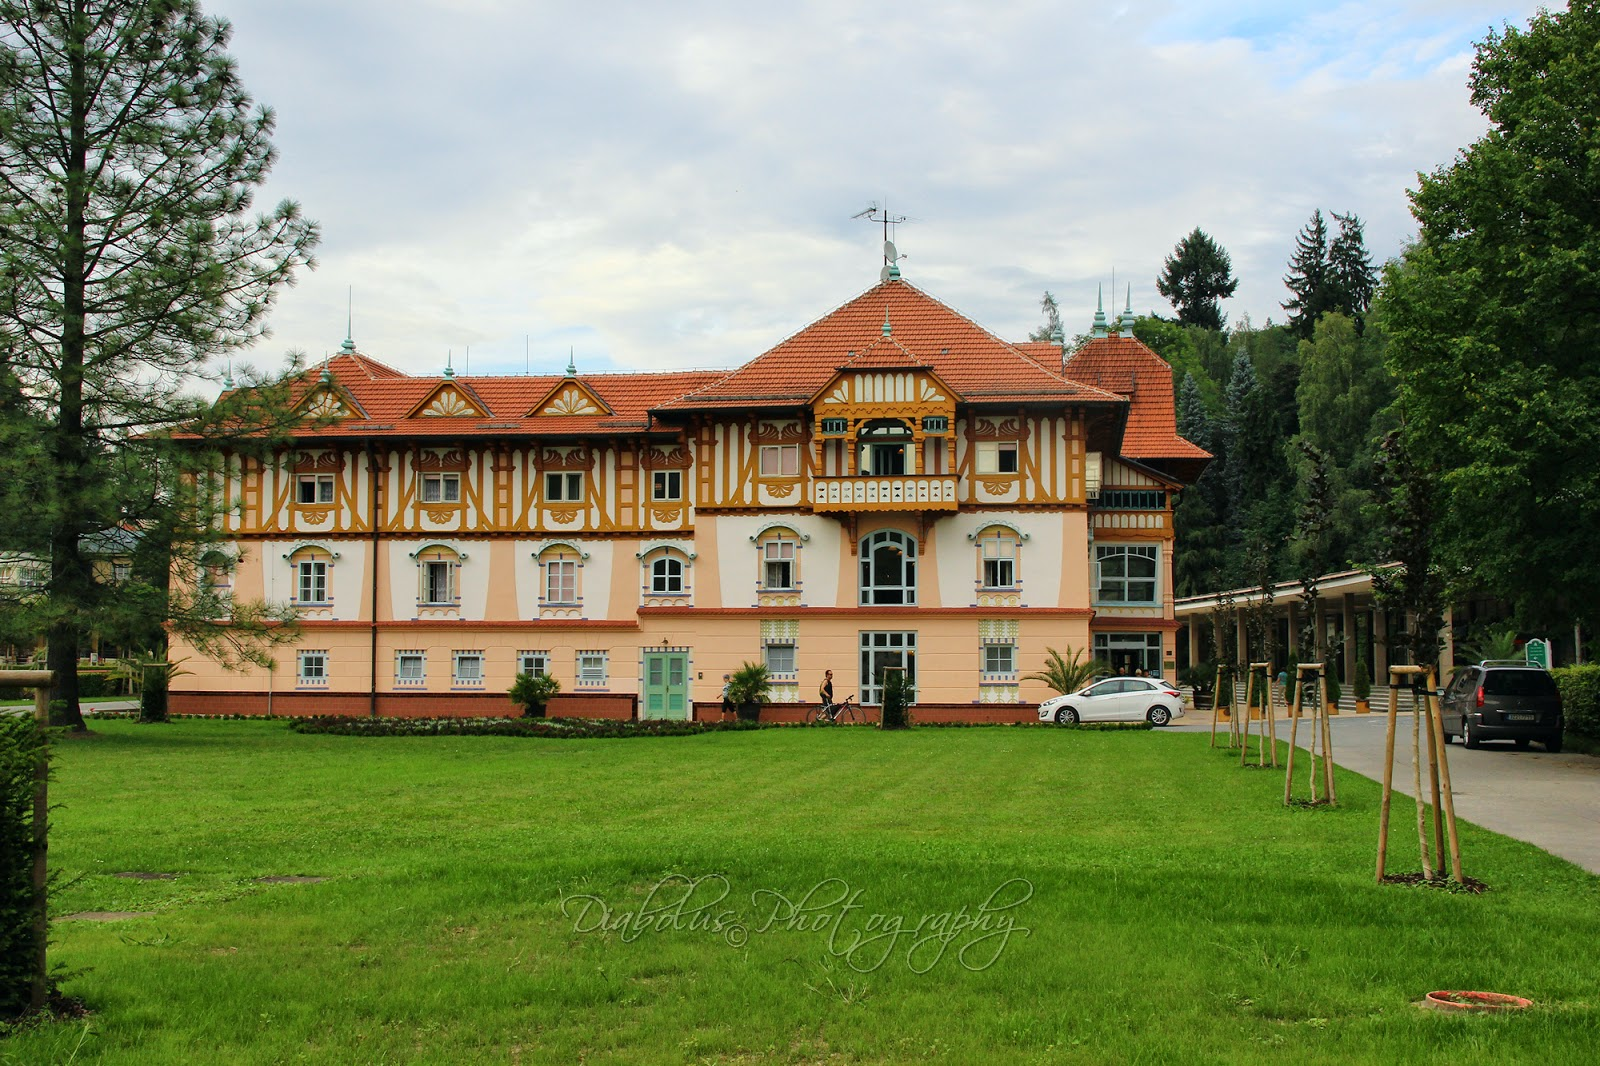 Jurkovičův dům/The Guesthouse of Jurkovič